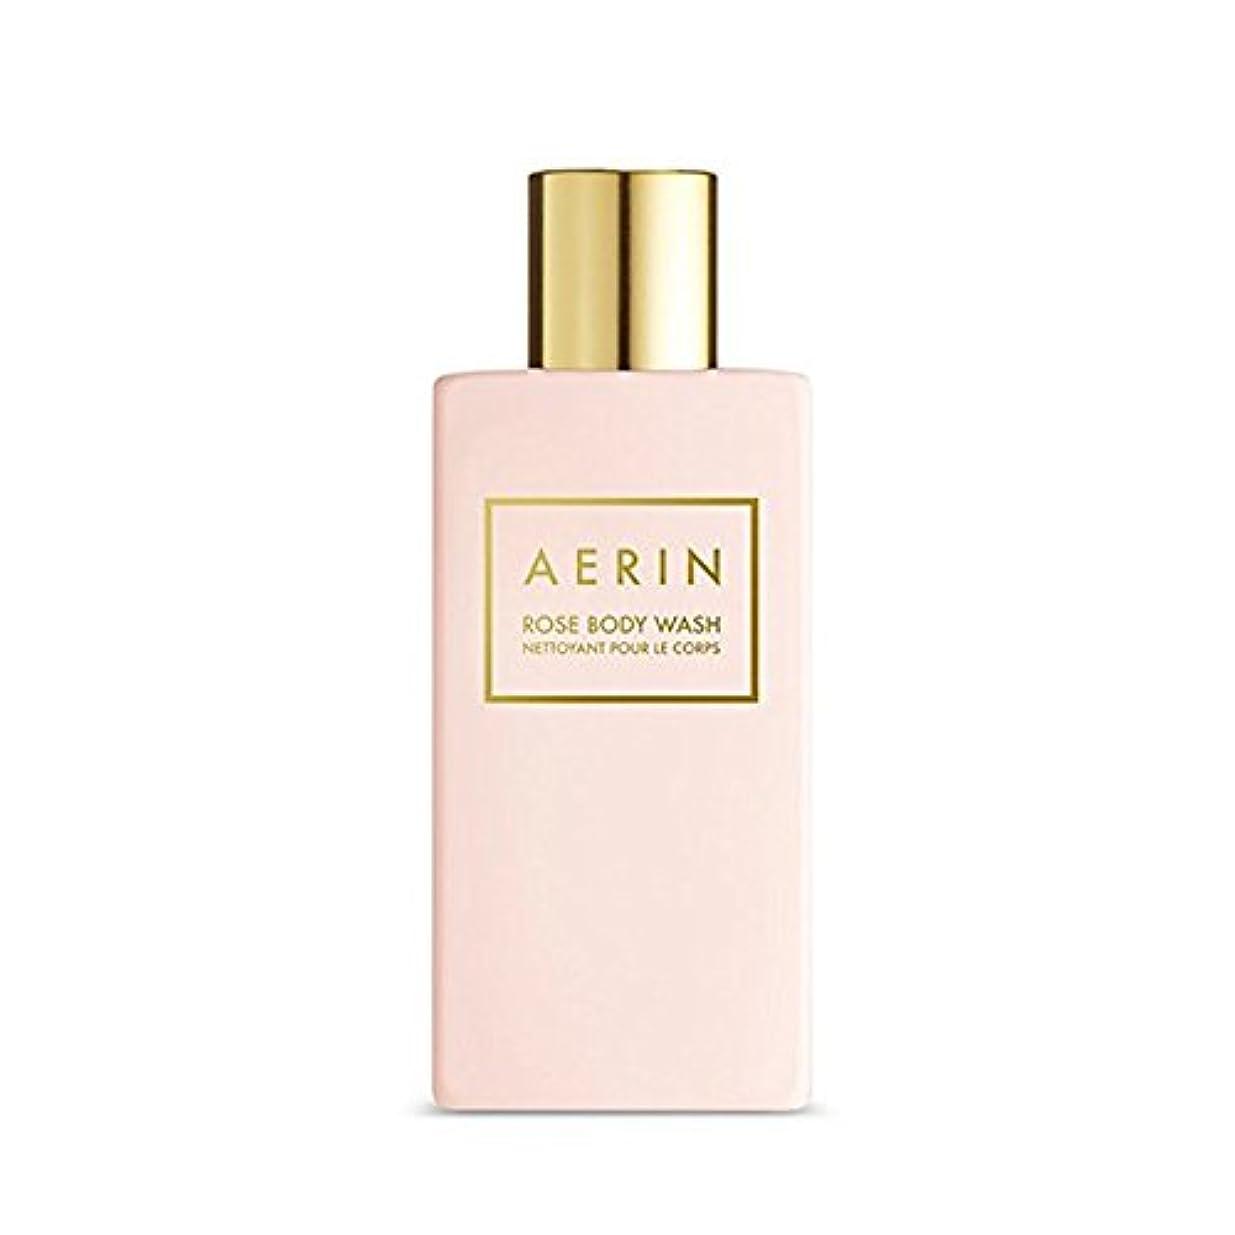 持ってる第五なぞらえるAERIN Rose Body Wash(アエリン ローズ ボディー ウオッシュ) 7.6 oz (225ml) by Estee Lauder